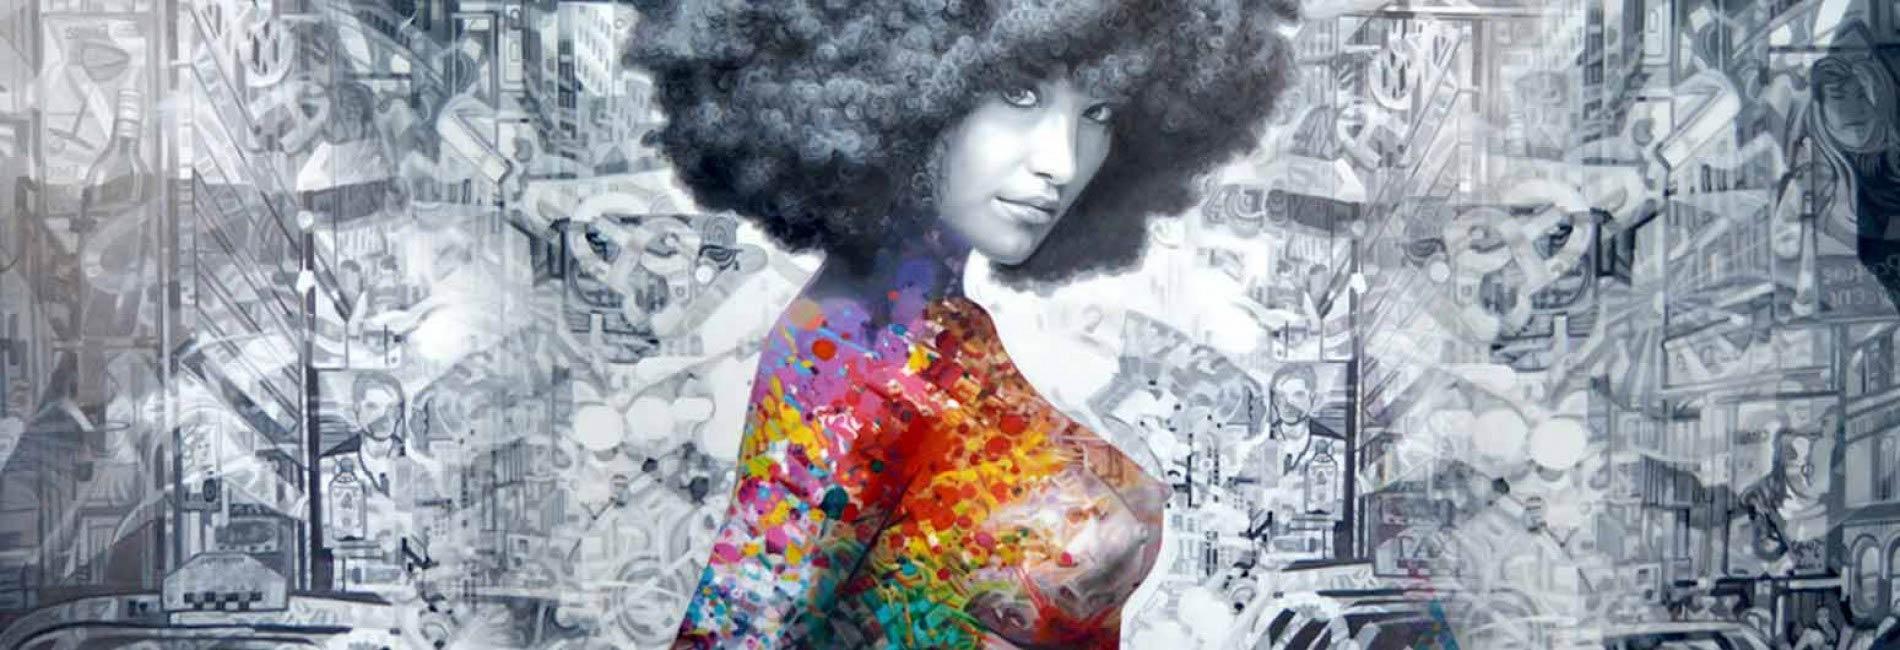 malerier_kunstmaleri_moderne-kunst_malerier-til-salg-abstrakte-malerier